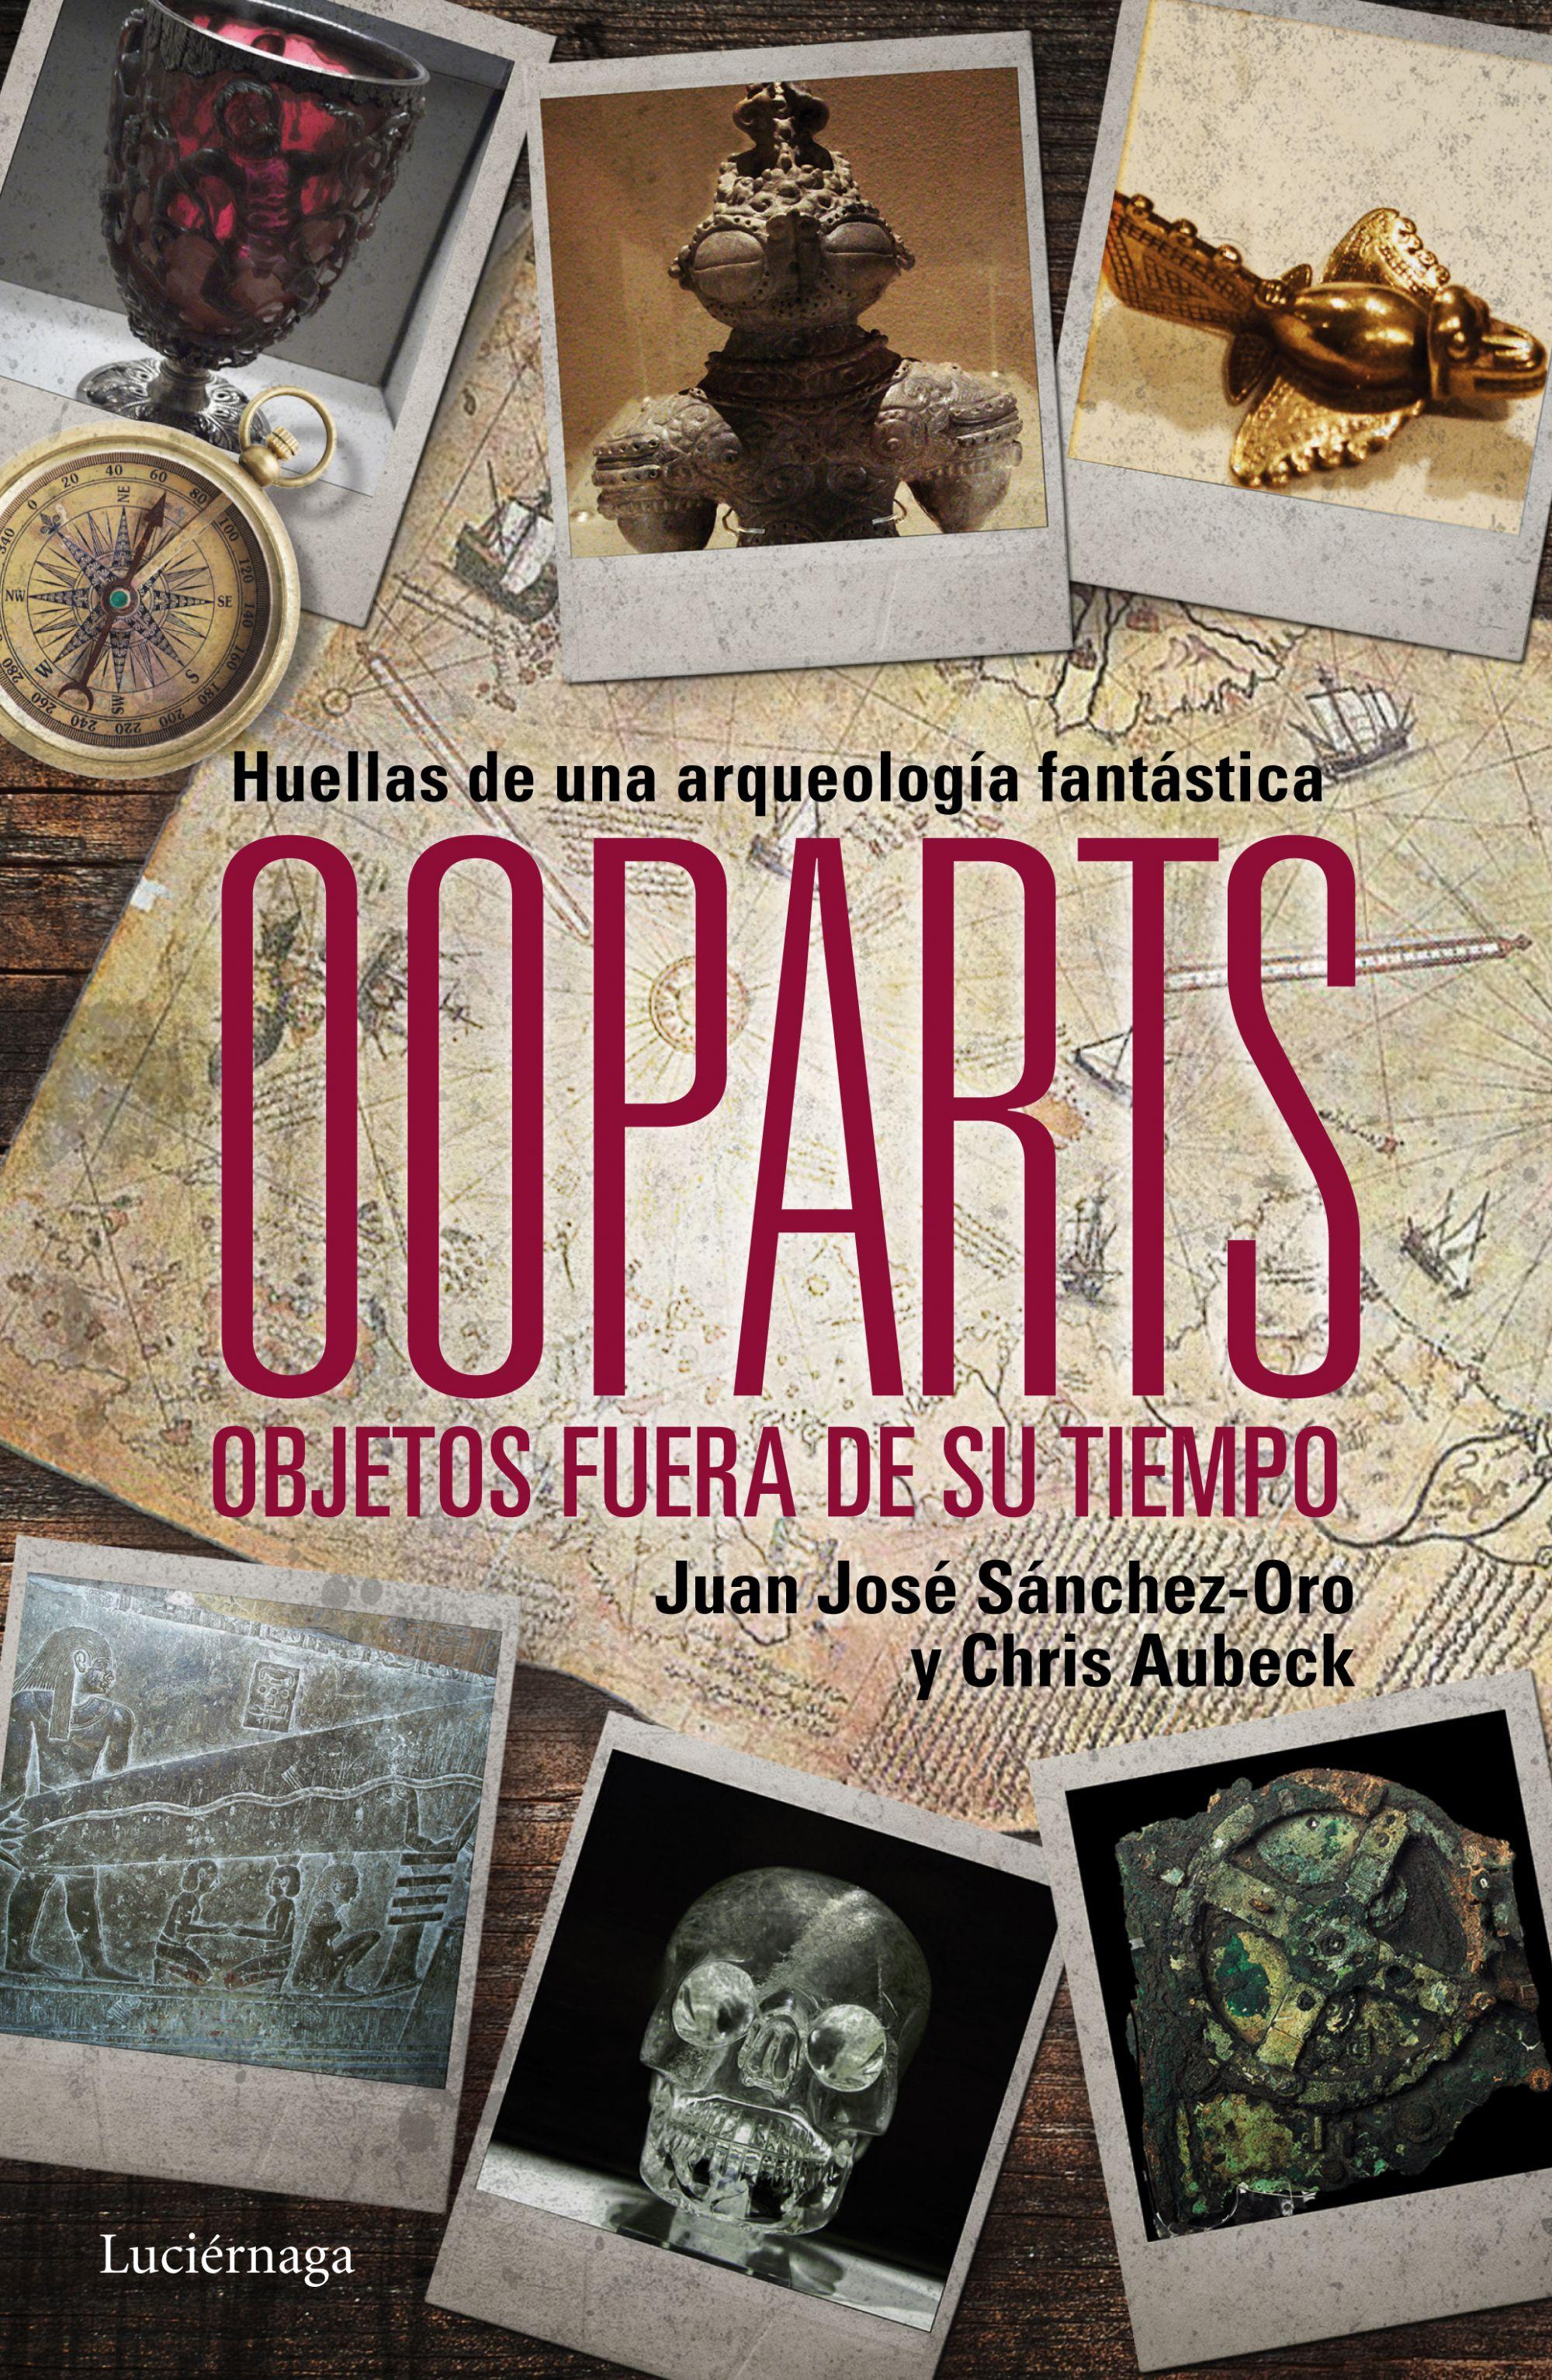 Ooparts: Objetos fuera de su tiempo, de Juan José Sánchez-Oro y Chris Aubeck